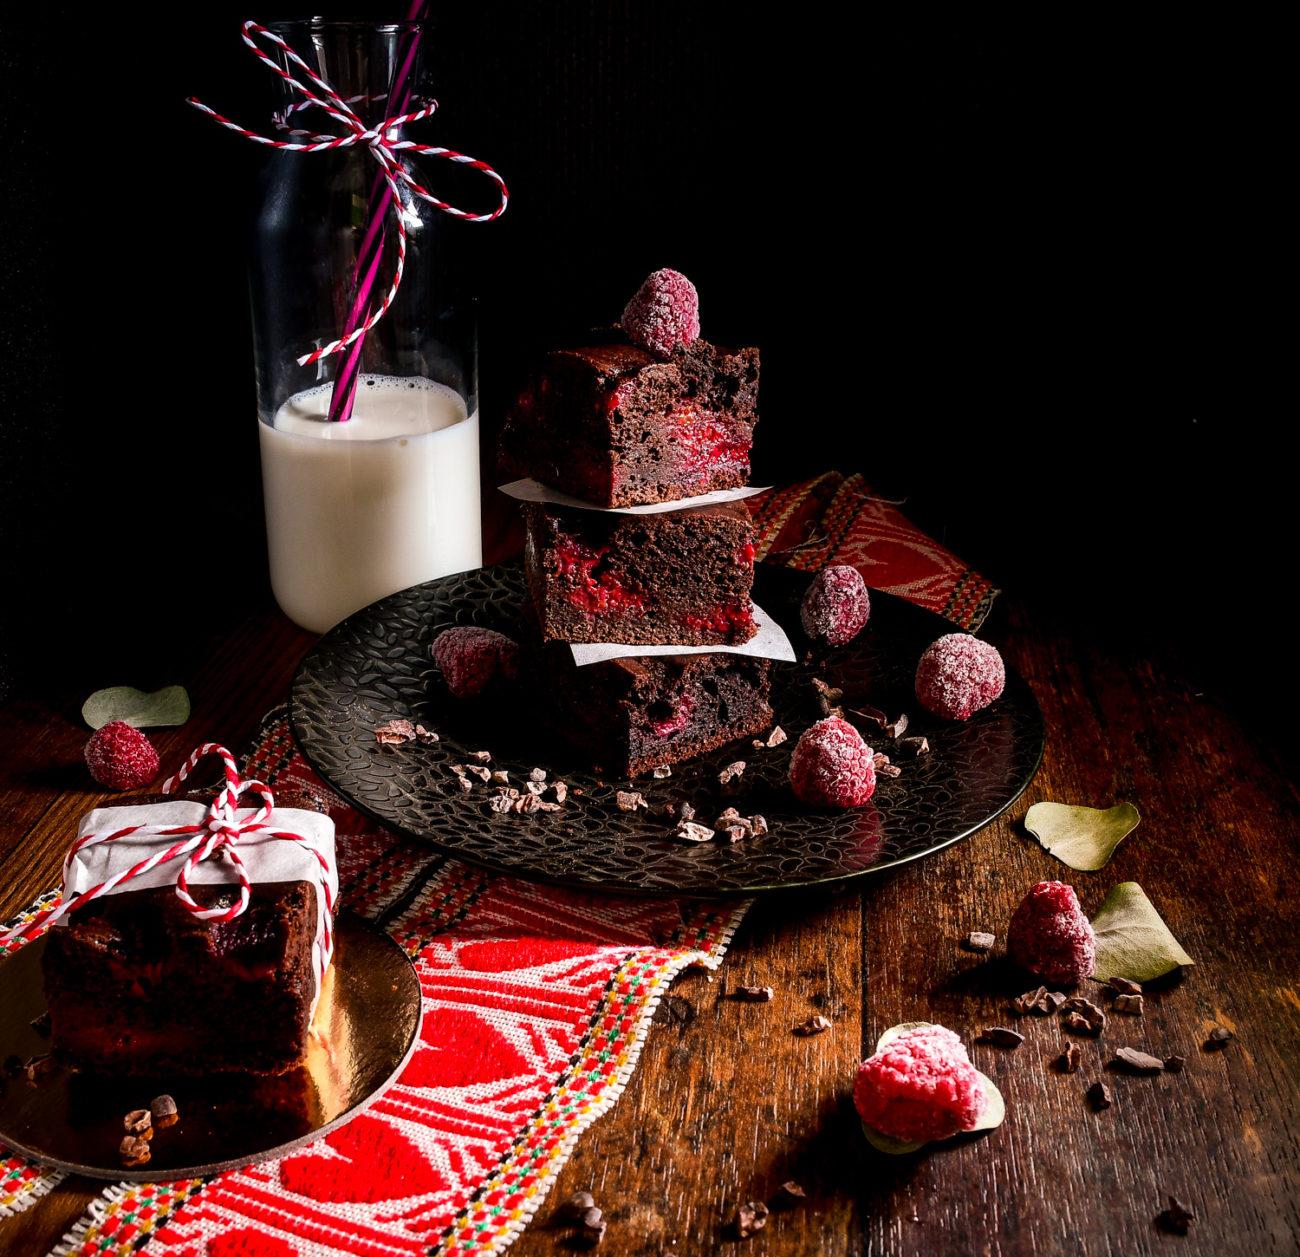 Malinasti brownie